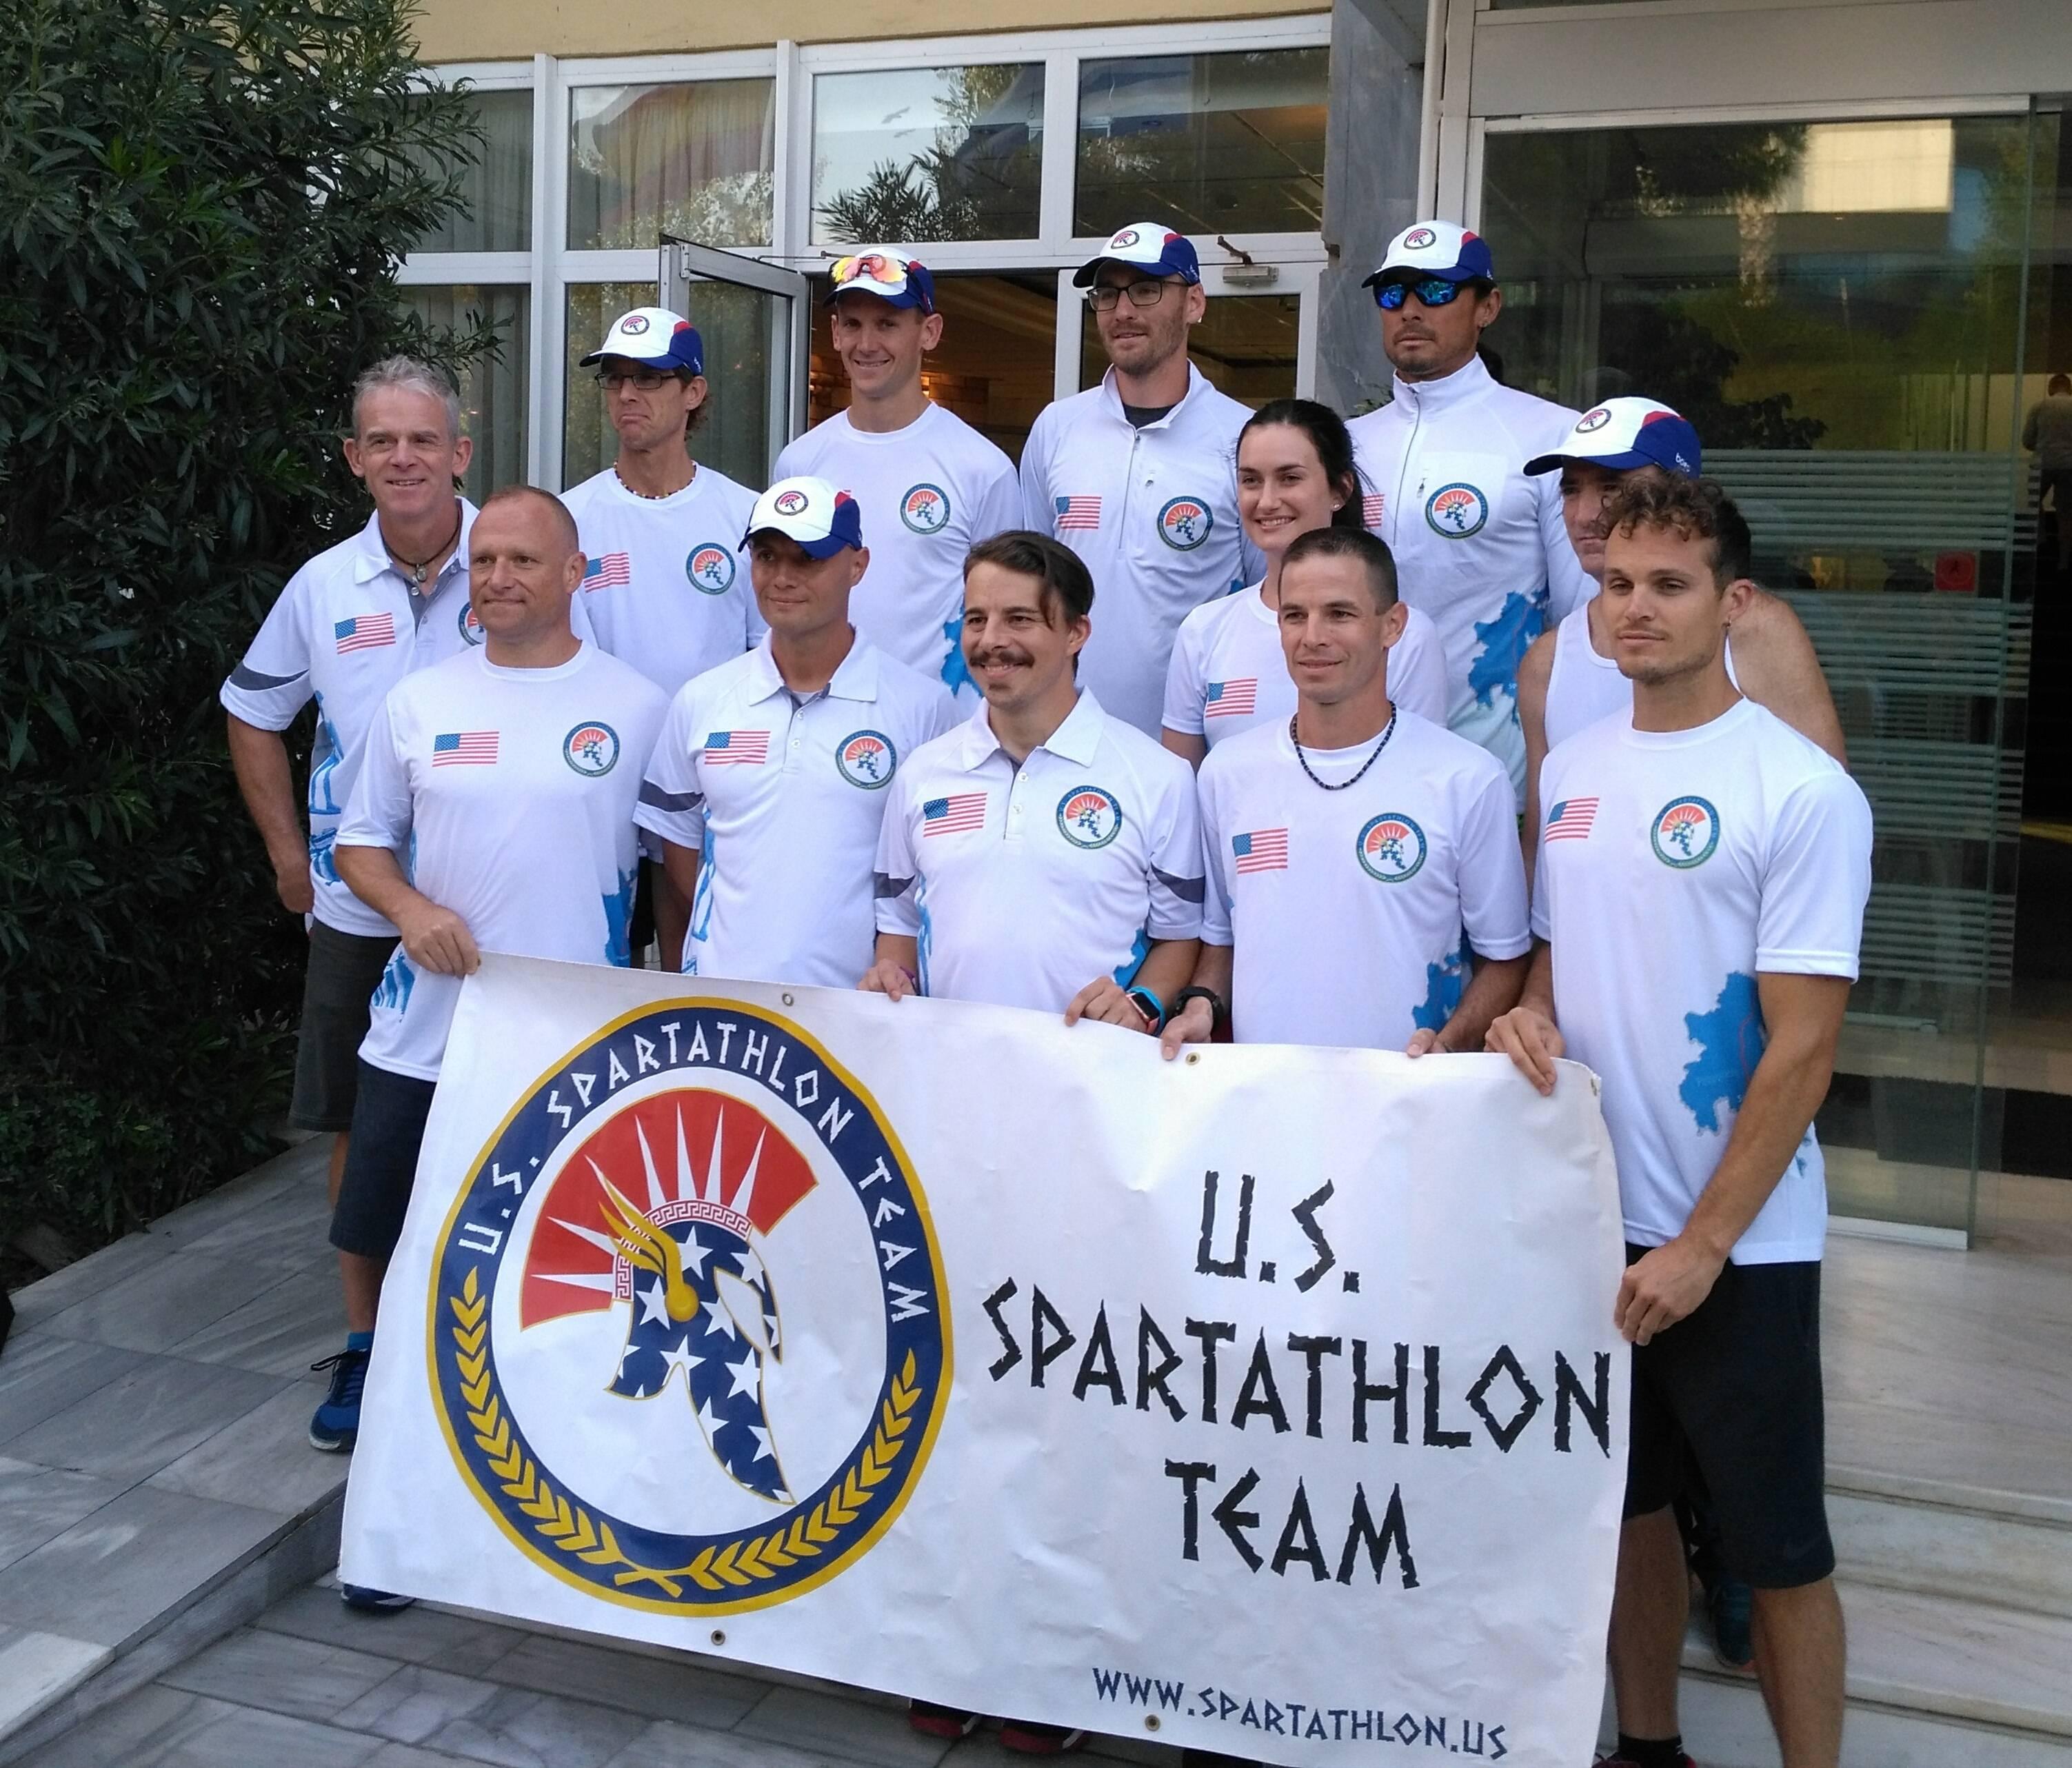 U.S. Spartathlon Team 2017 (Glyfada, Greece)